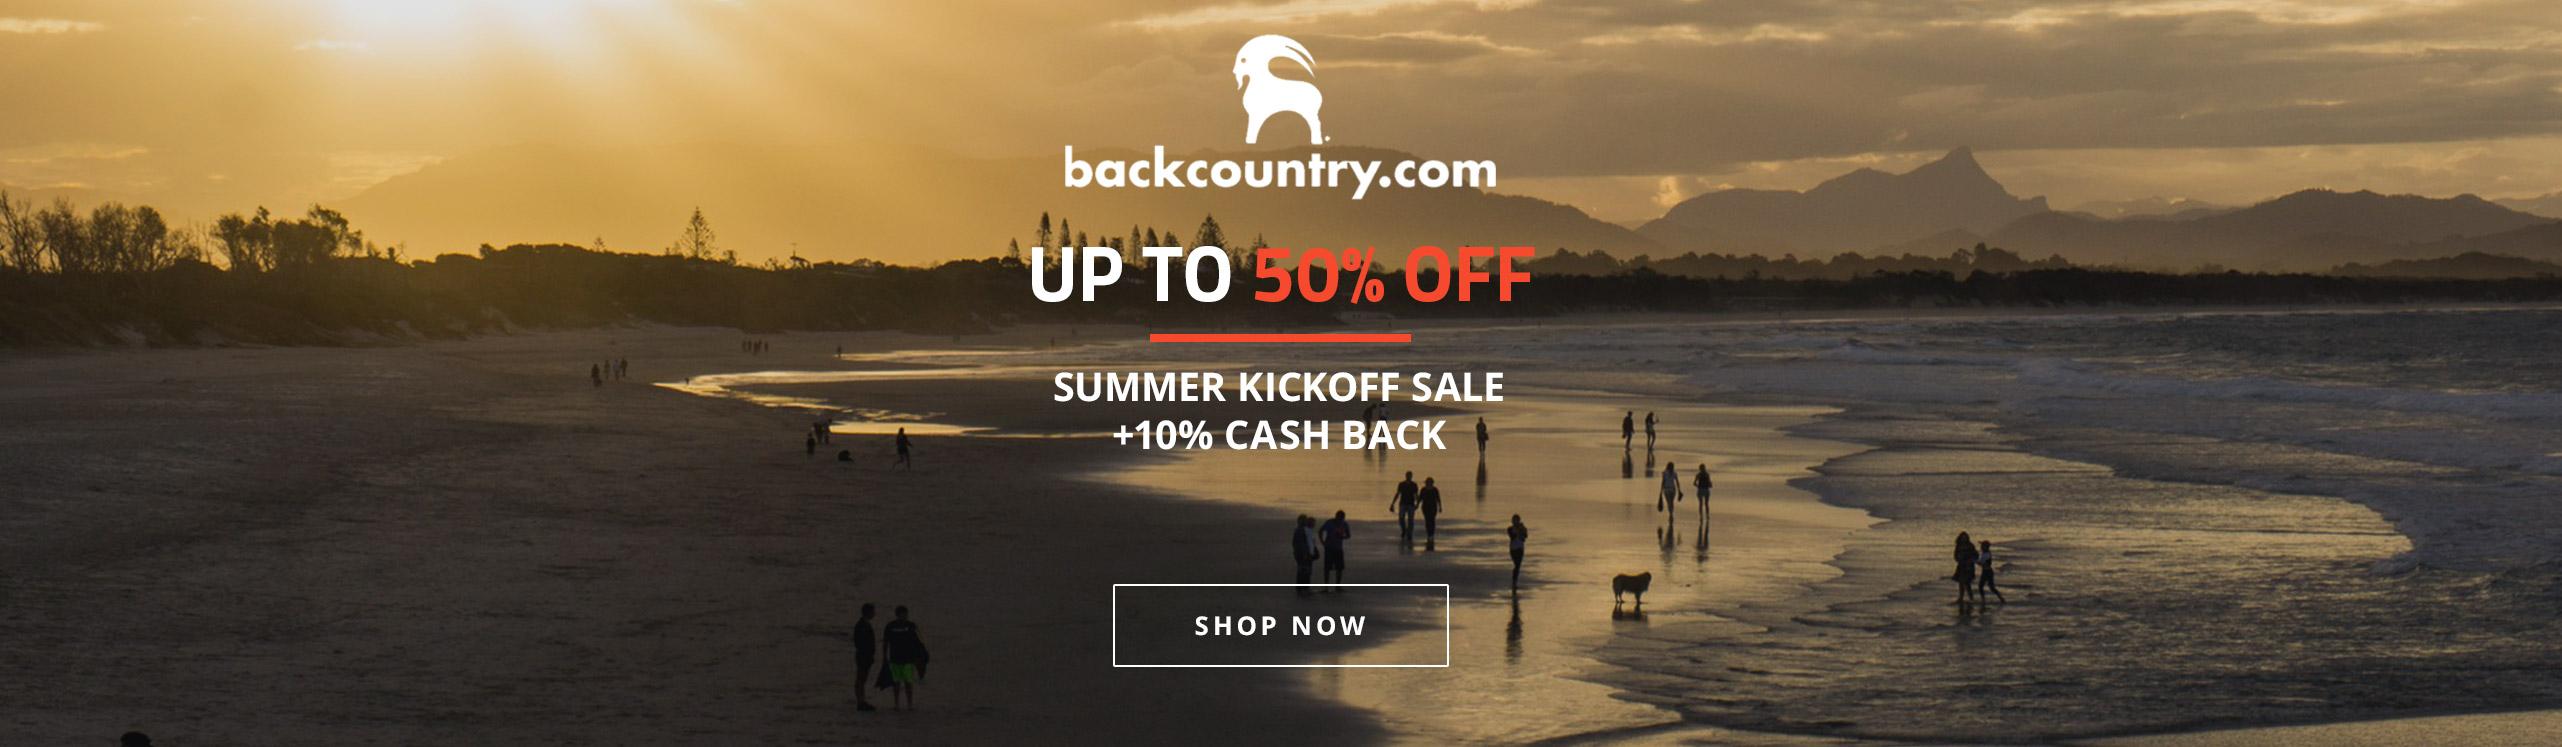 Backcountry Summer Kickoff